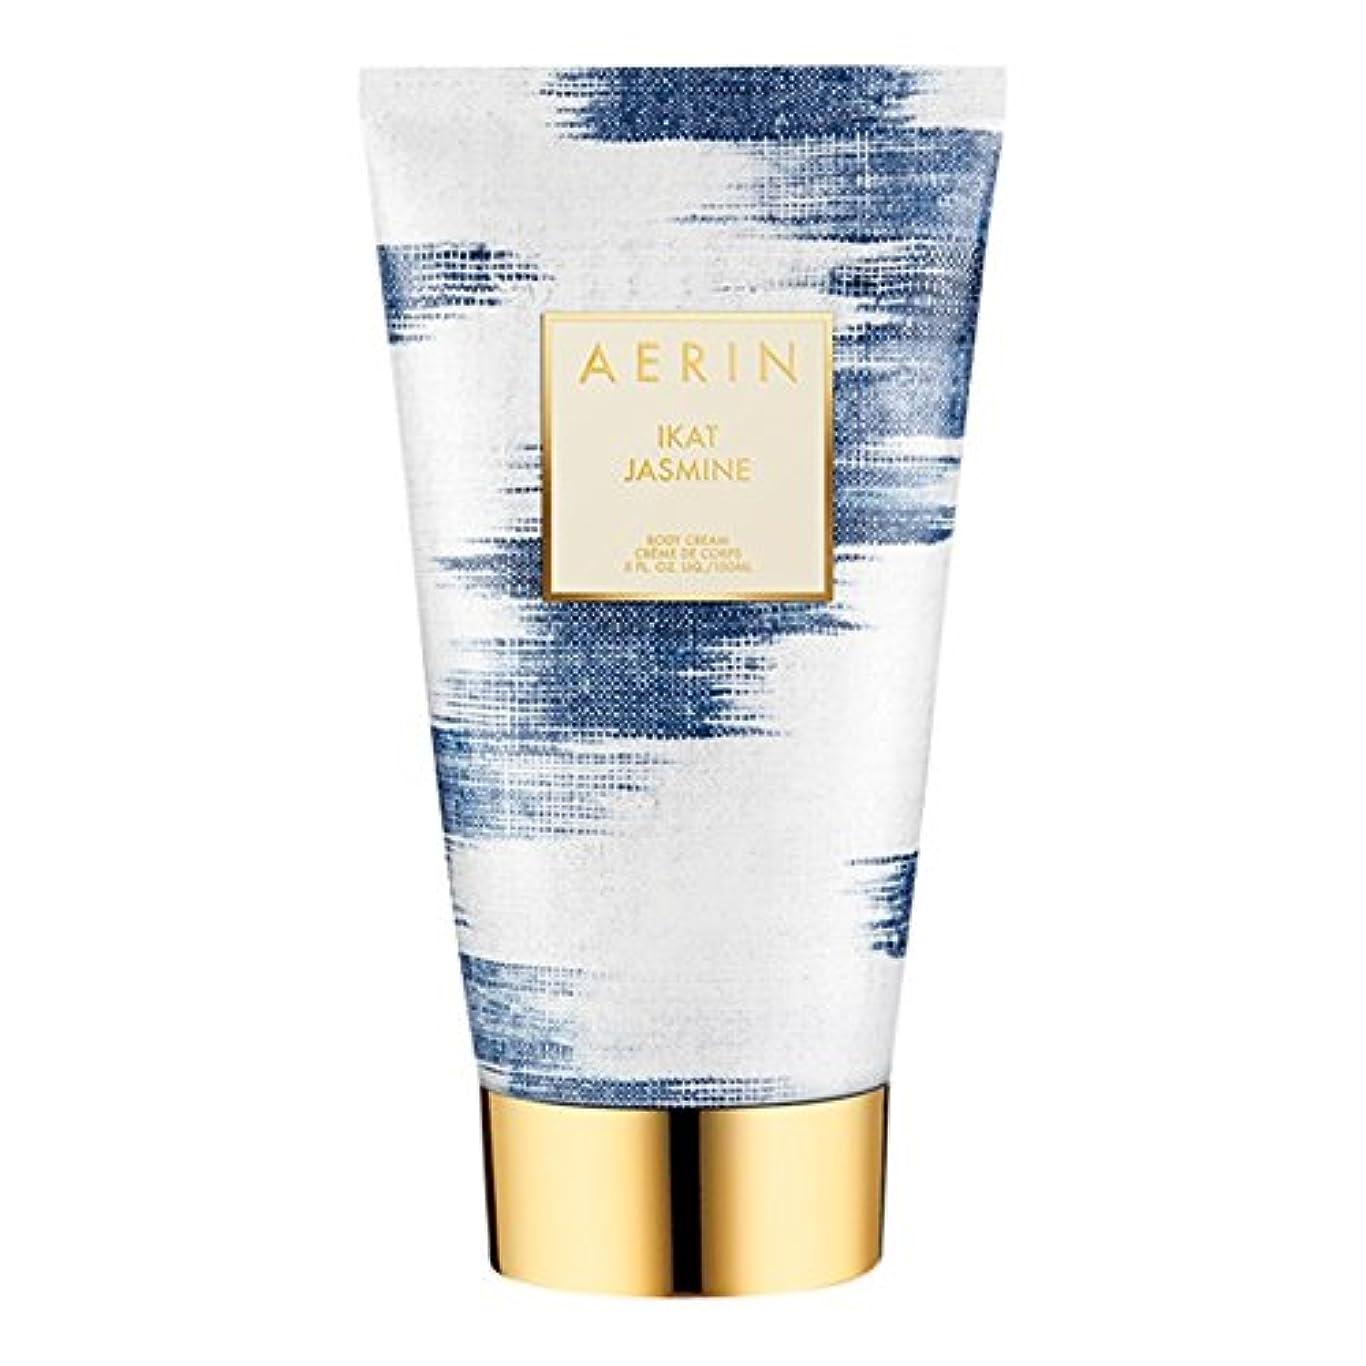 お祝いコーデリア宙返りAerinイカットジャスミンボディクリーム150ミリリットル (AERIN) (x6) - AERIN Ikat Jasmine Body Cream 150ml (Pack of 6) [並行輸入品]